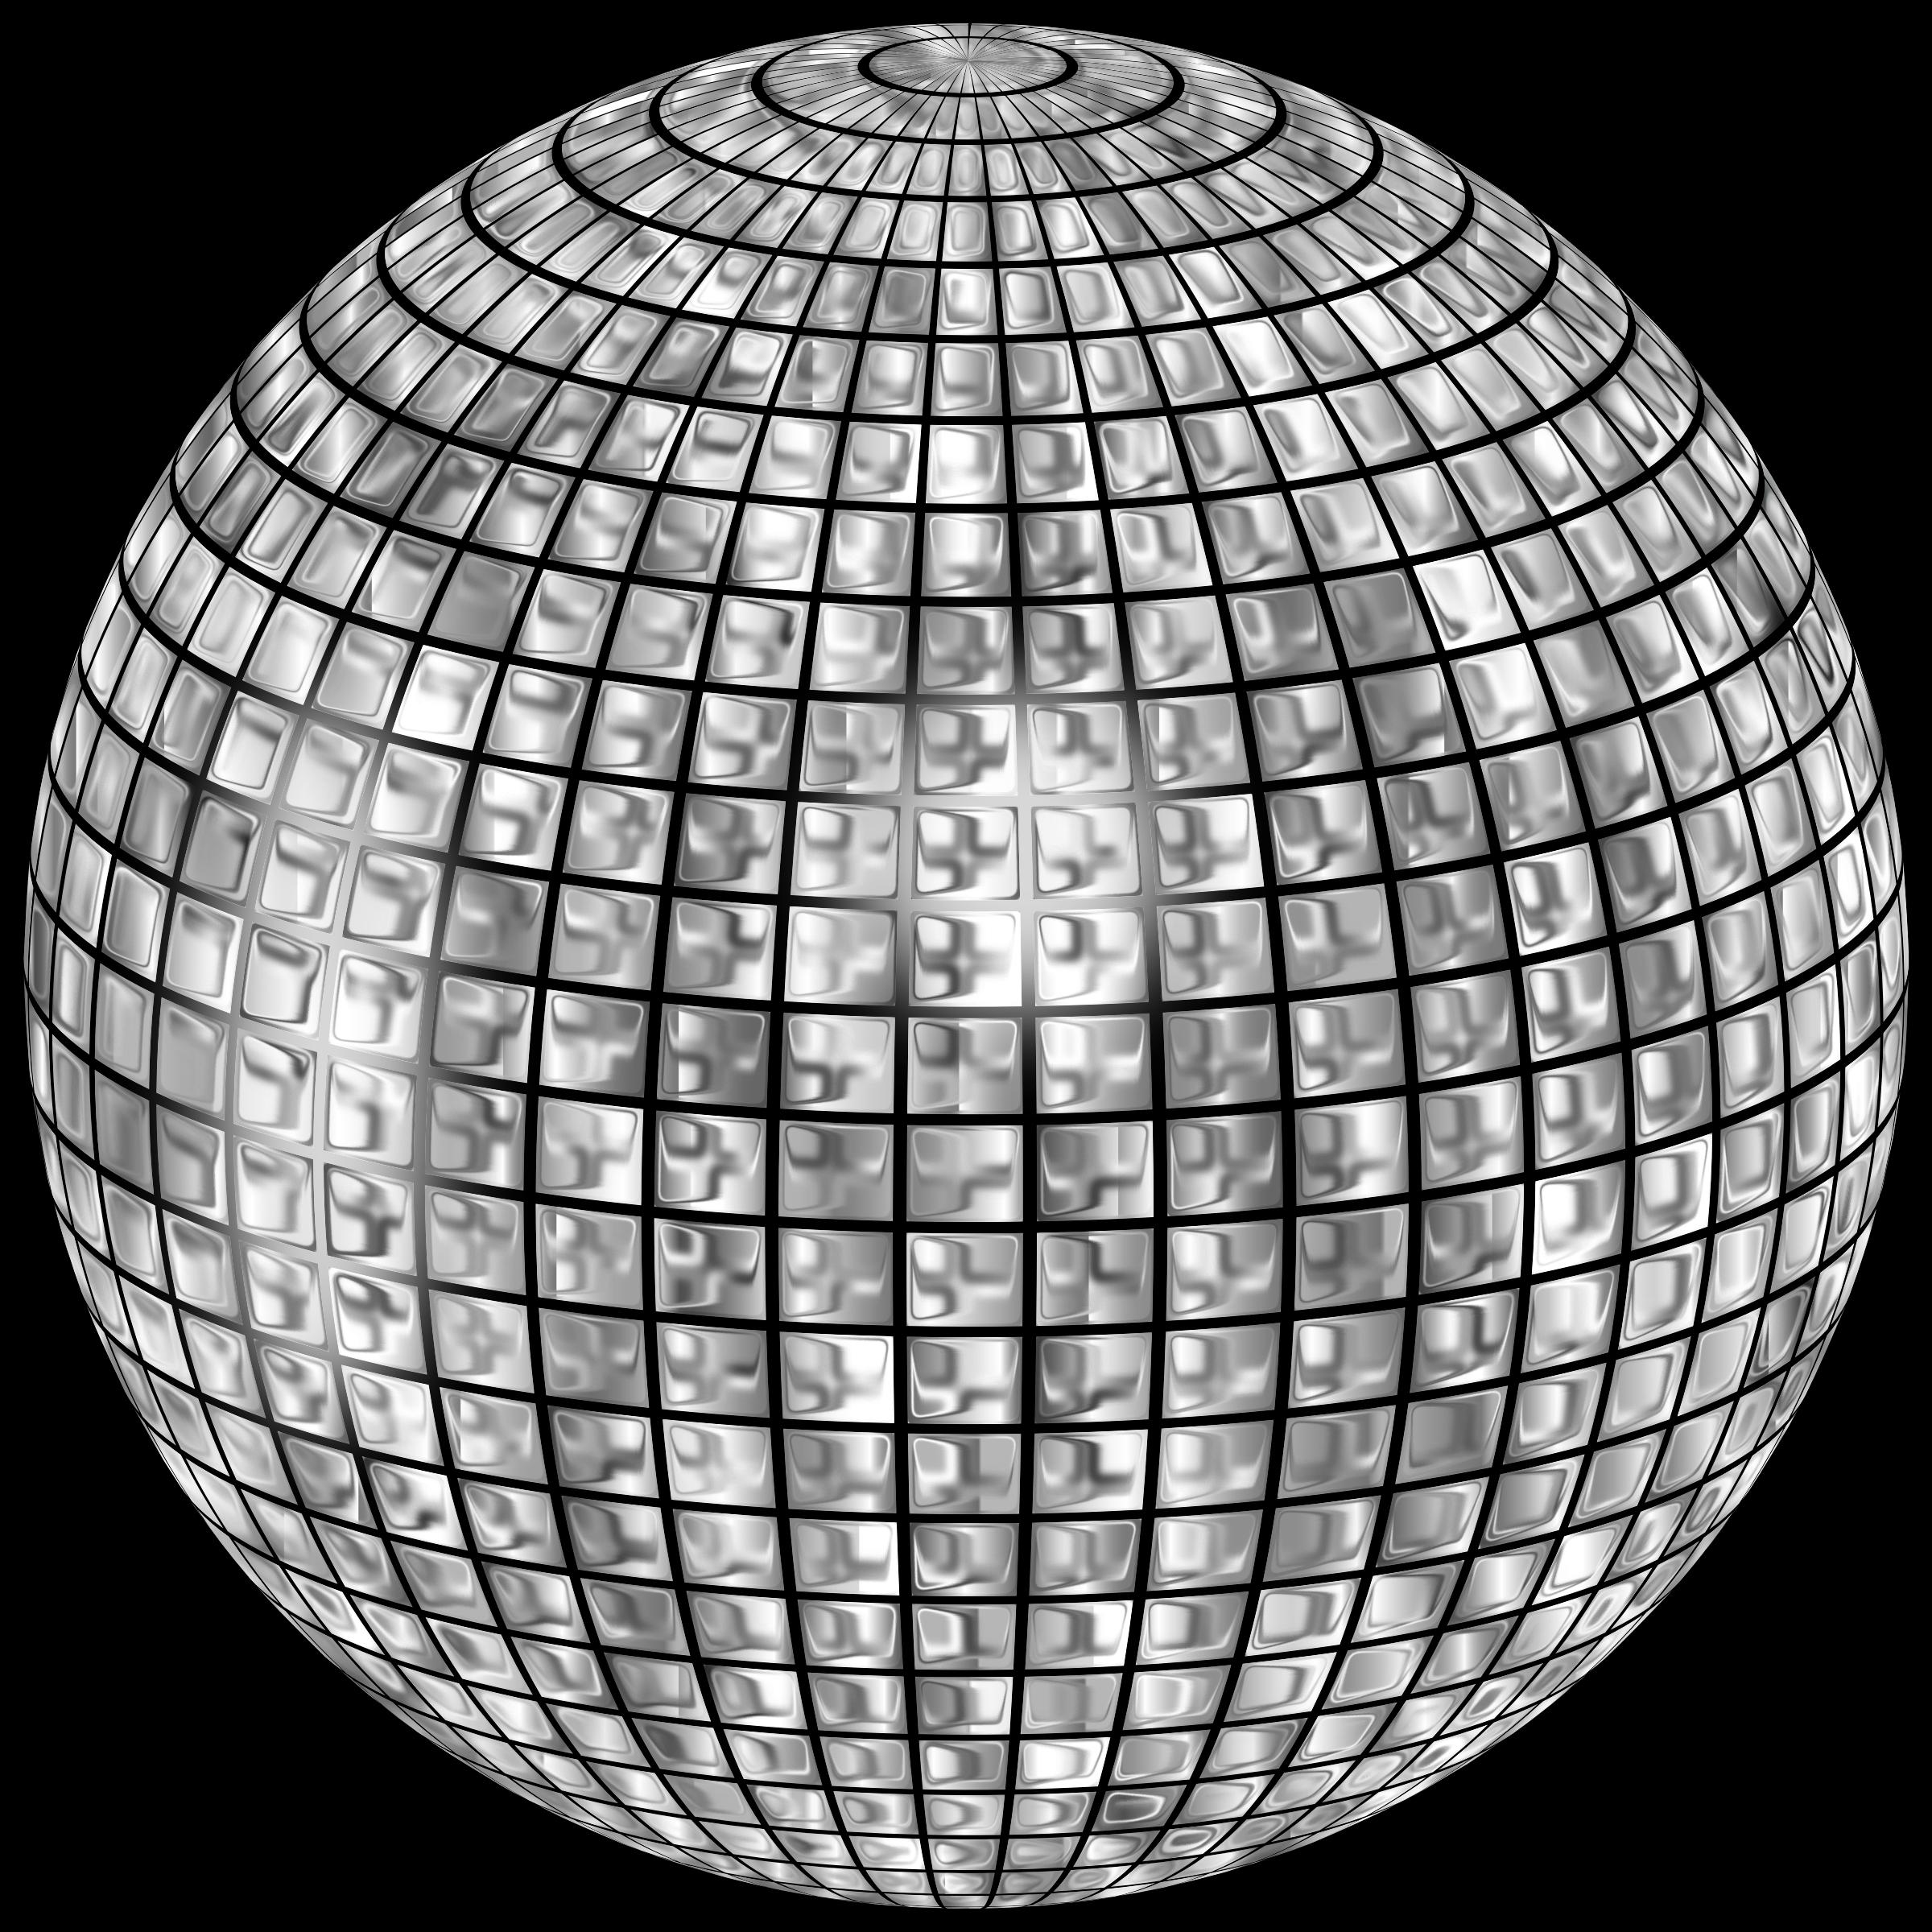 2400x2400 Disco Ball Vector Art Image